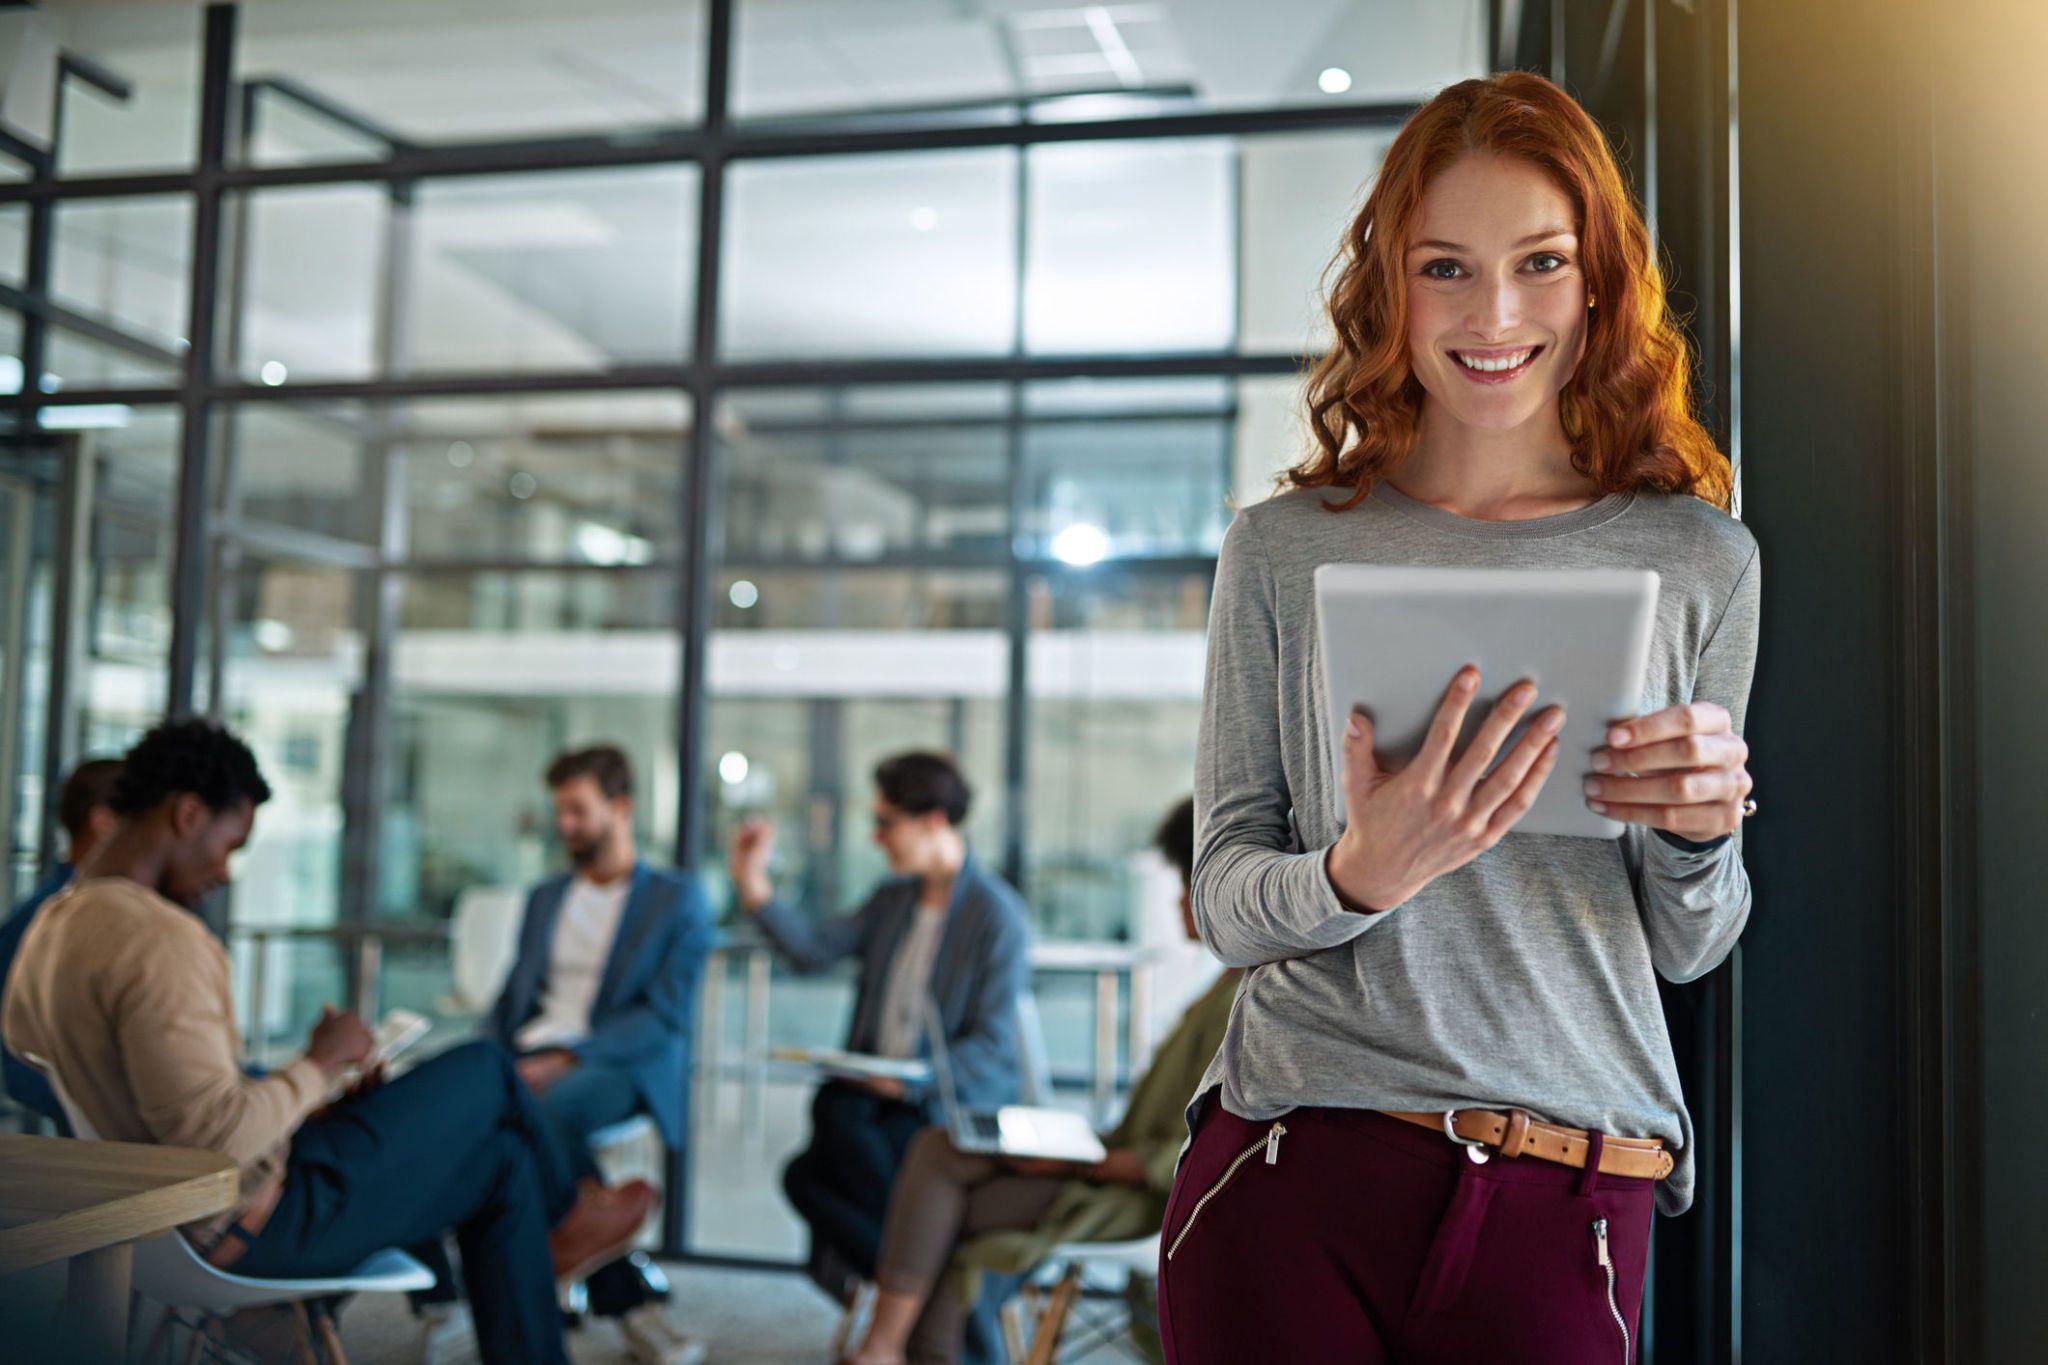 Ufficio Lavoro : Lavoro in ufficio oira online interactive risk assessment